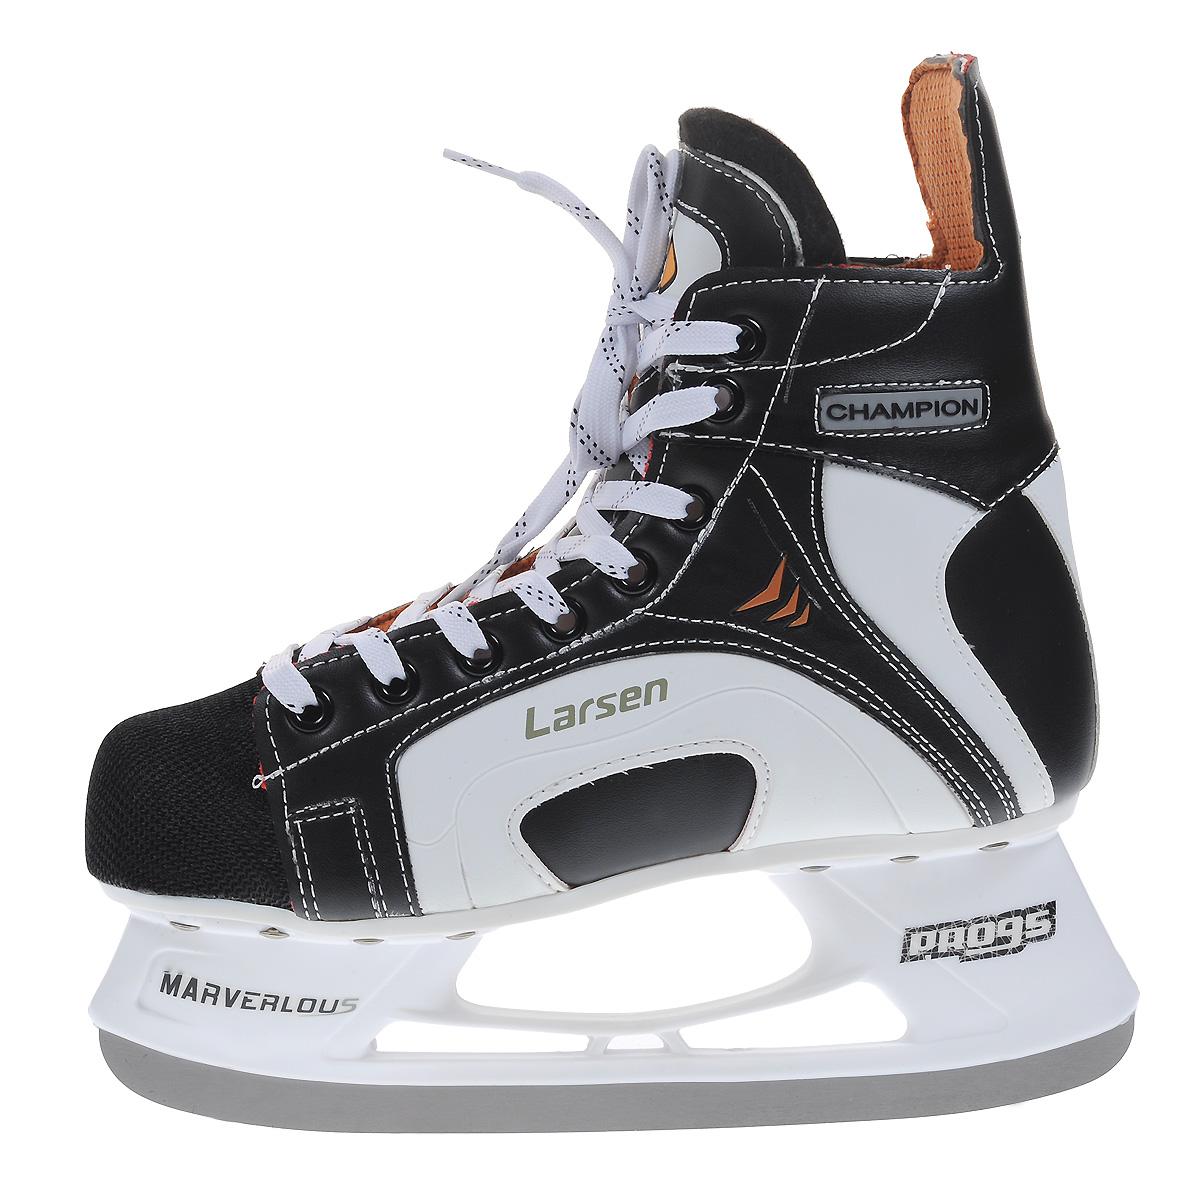 Larsen Коньки хоккейные Champion